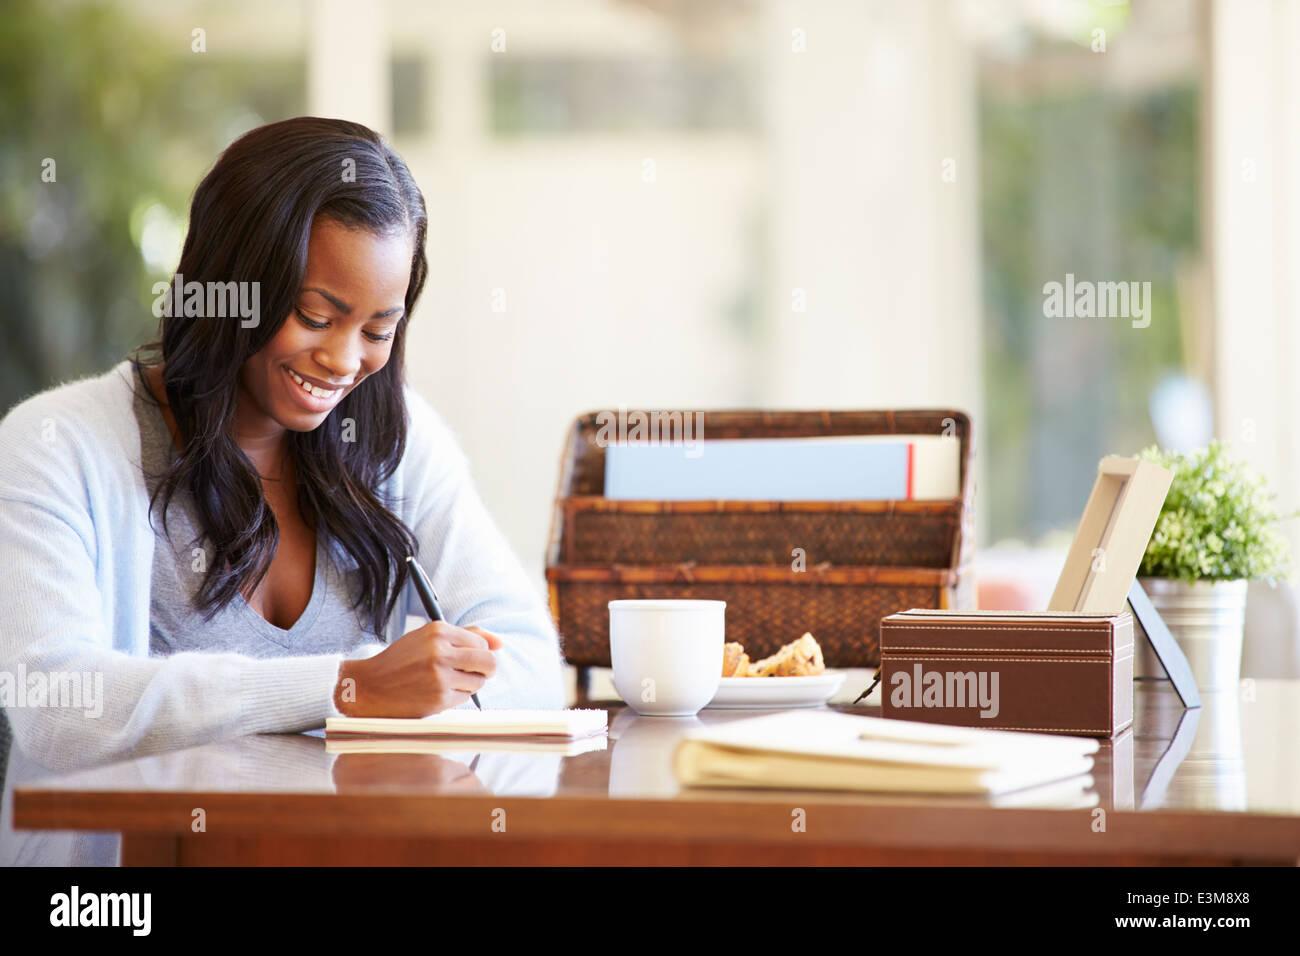 Frau schriftlich Notebook am Schreibtisch Stockbild